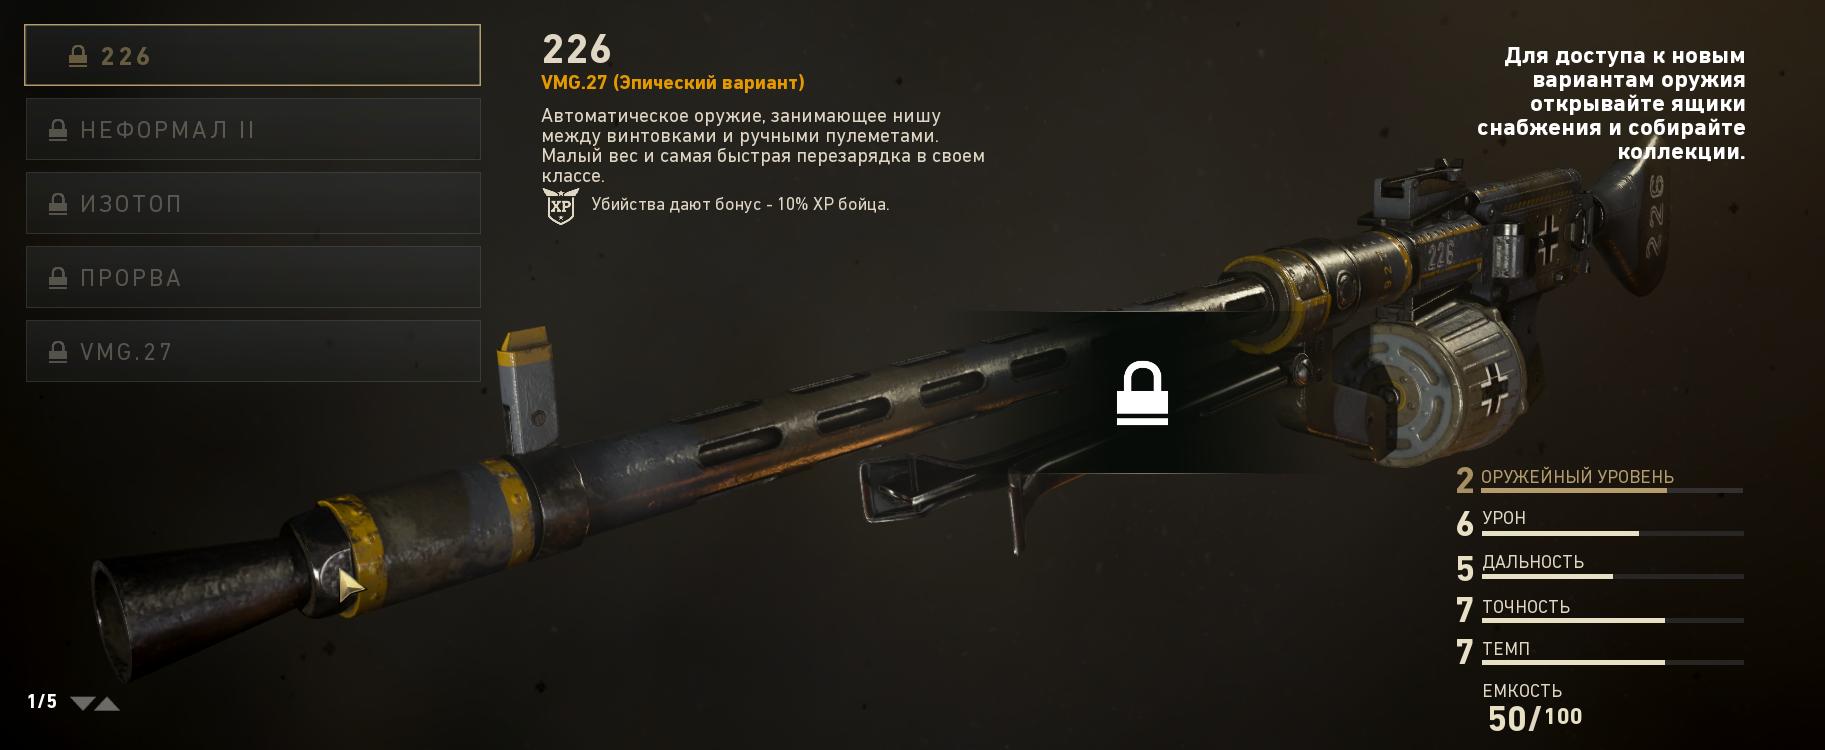 VMG.27